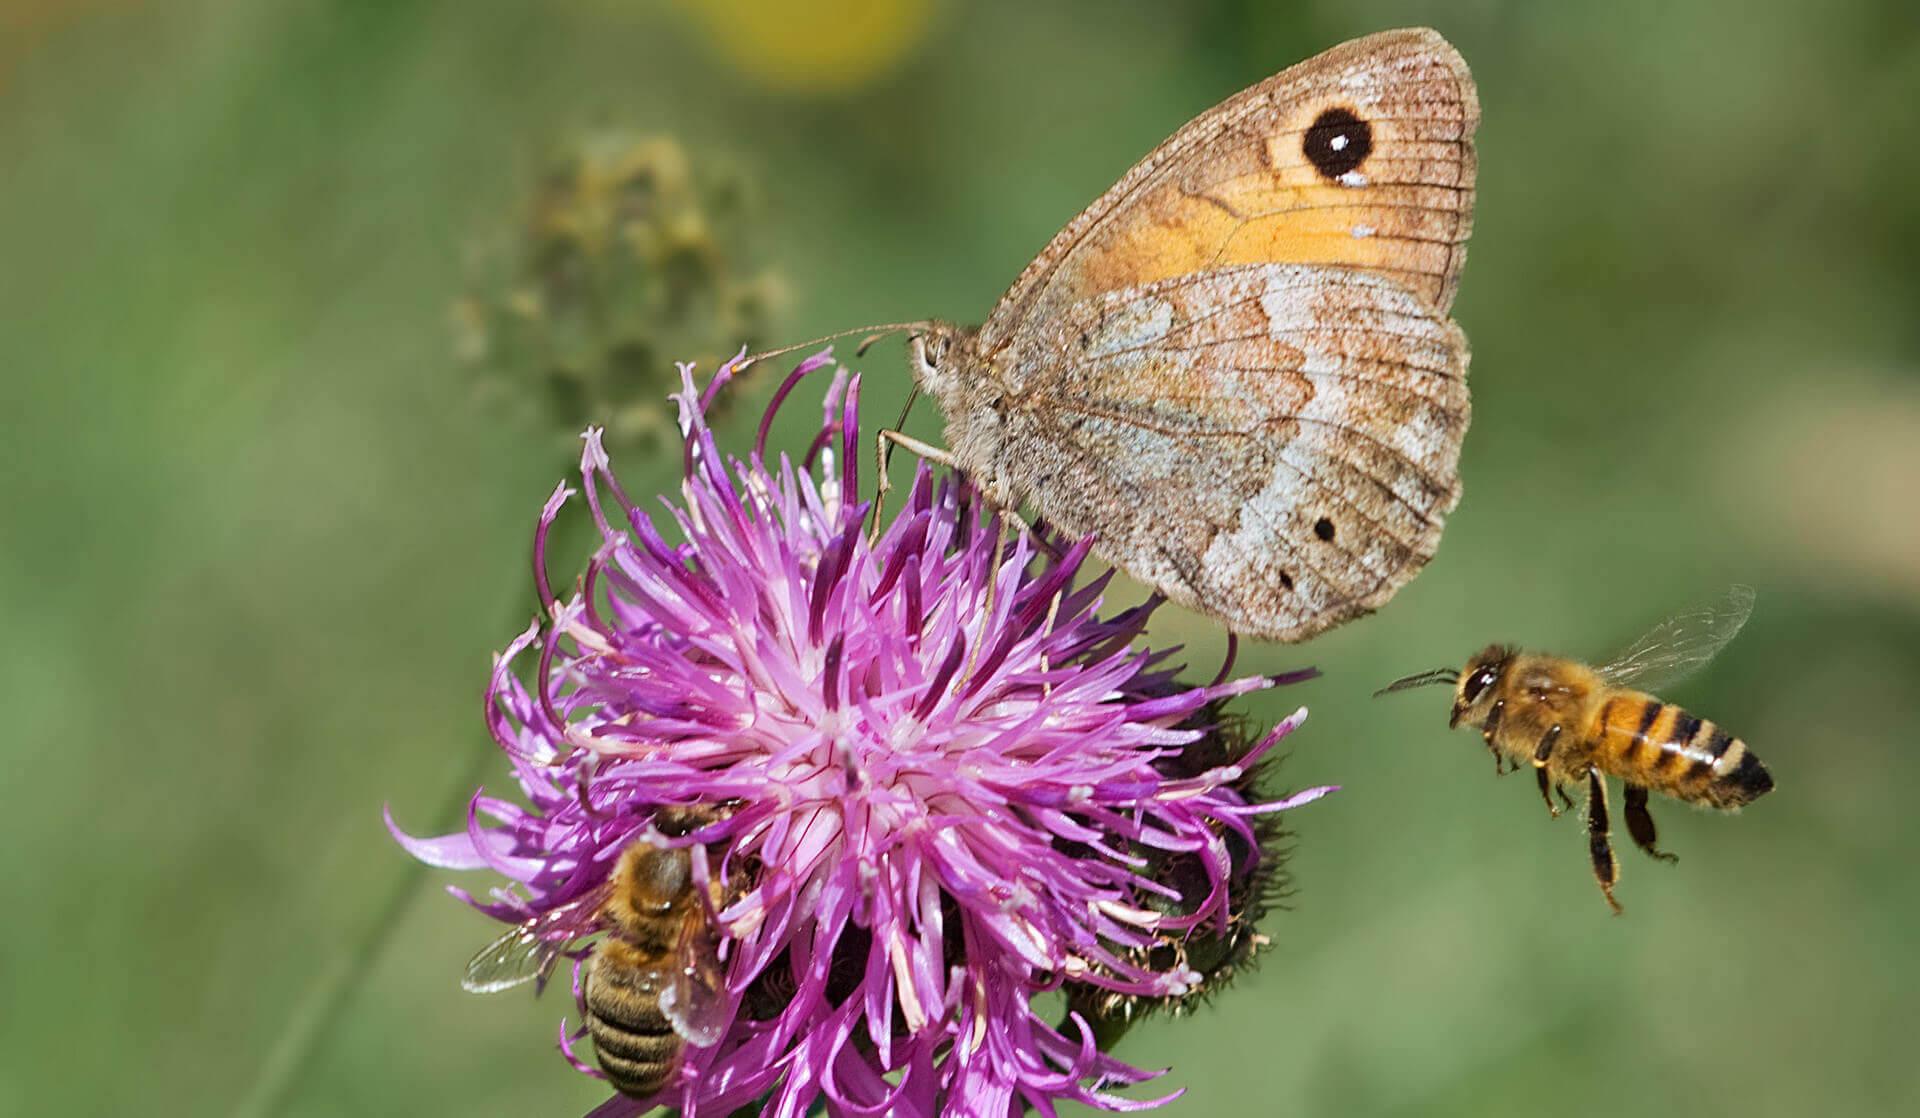 Bienen und Schmetterling auf Pflanze